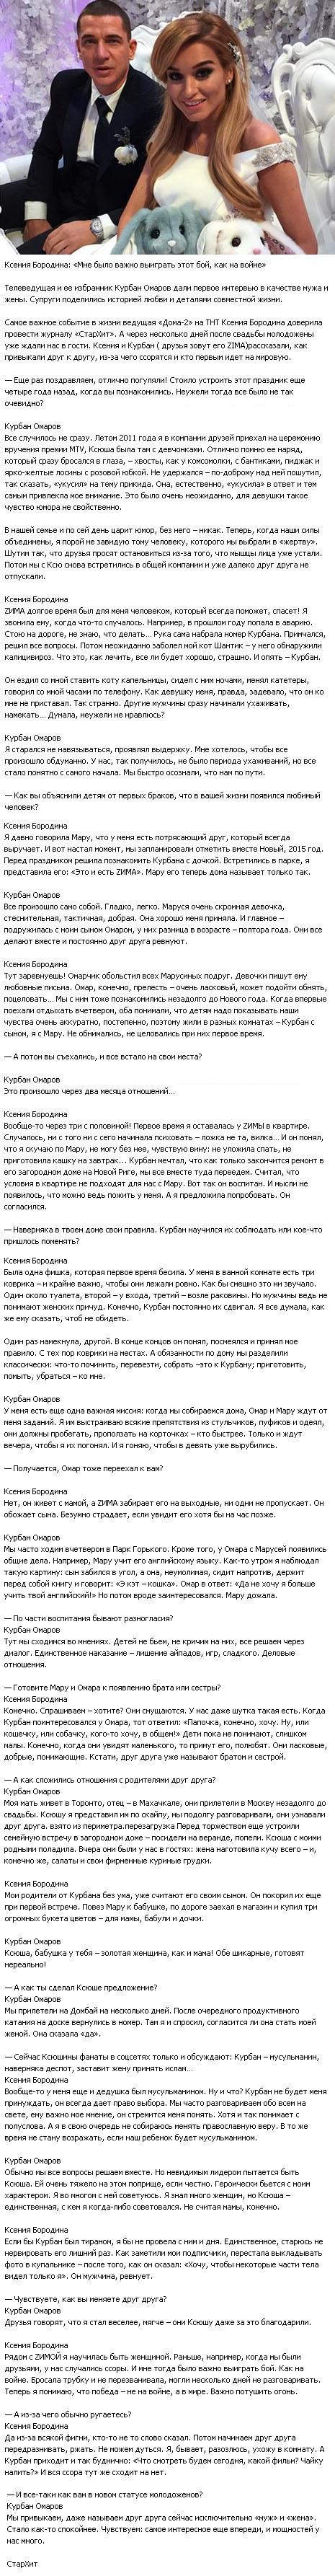 Ксения Бородина откровенно рассказала об отношениях и знакомстве с Курбаном Омаровым